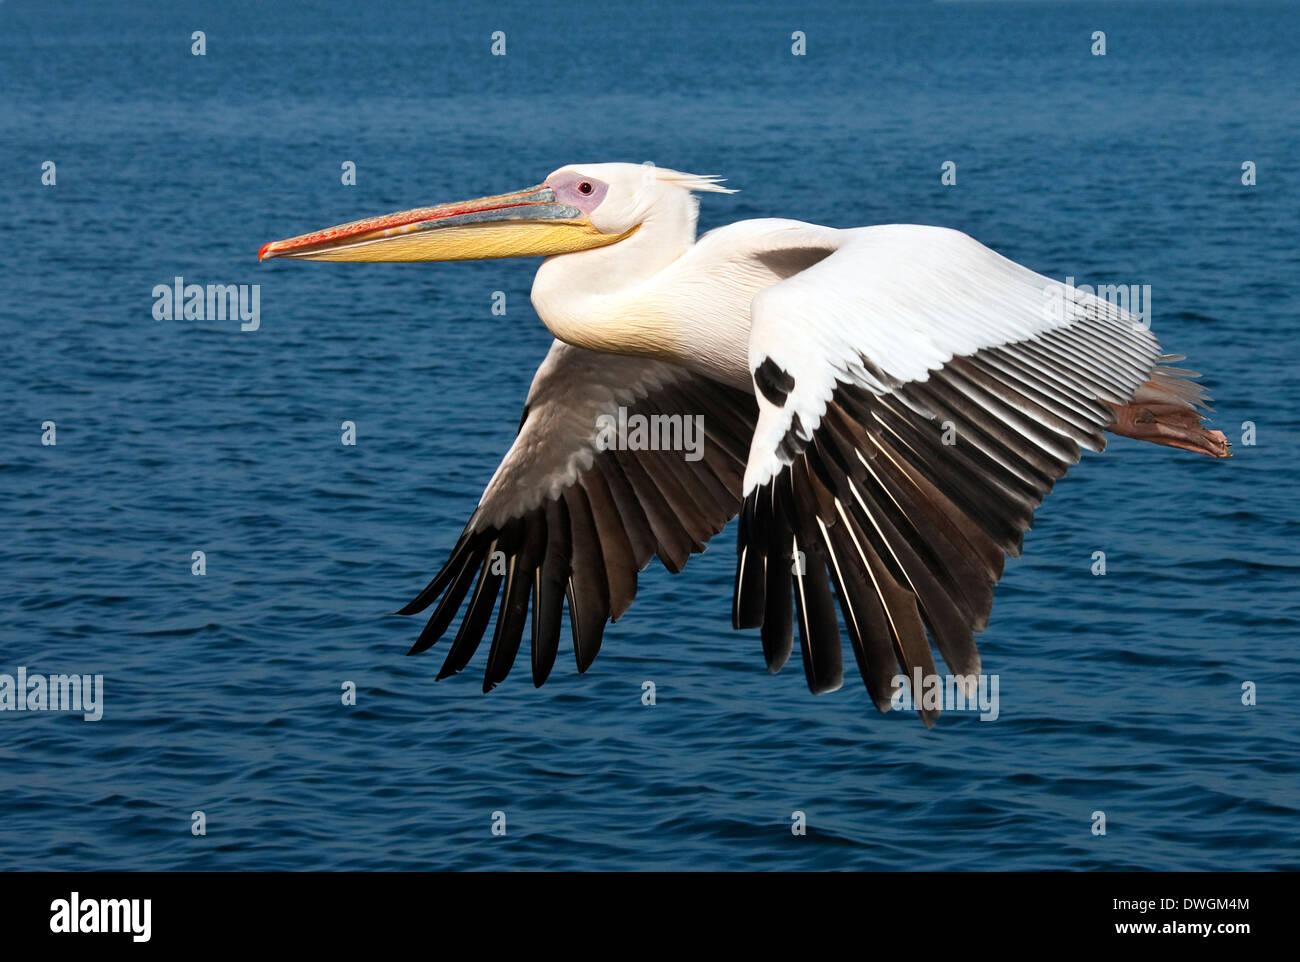 Un grand Pélican blanc (Pelecanus onocrotalus) en vol au dessus de la mer près de la côte de la Namibie Photo Stock